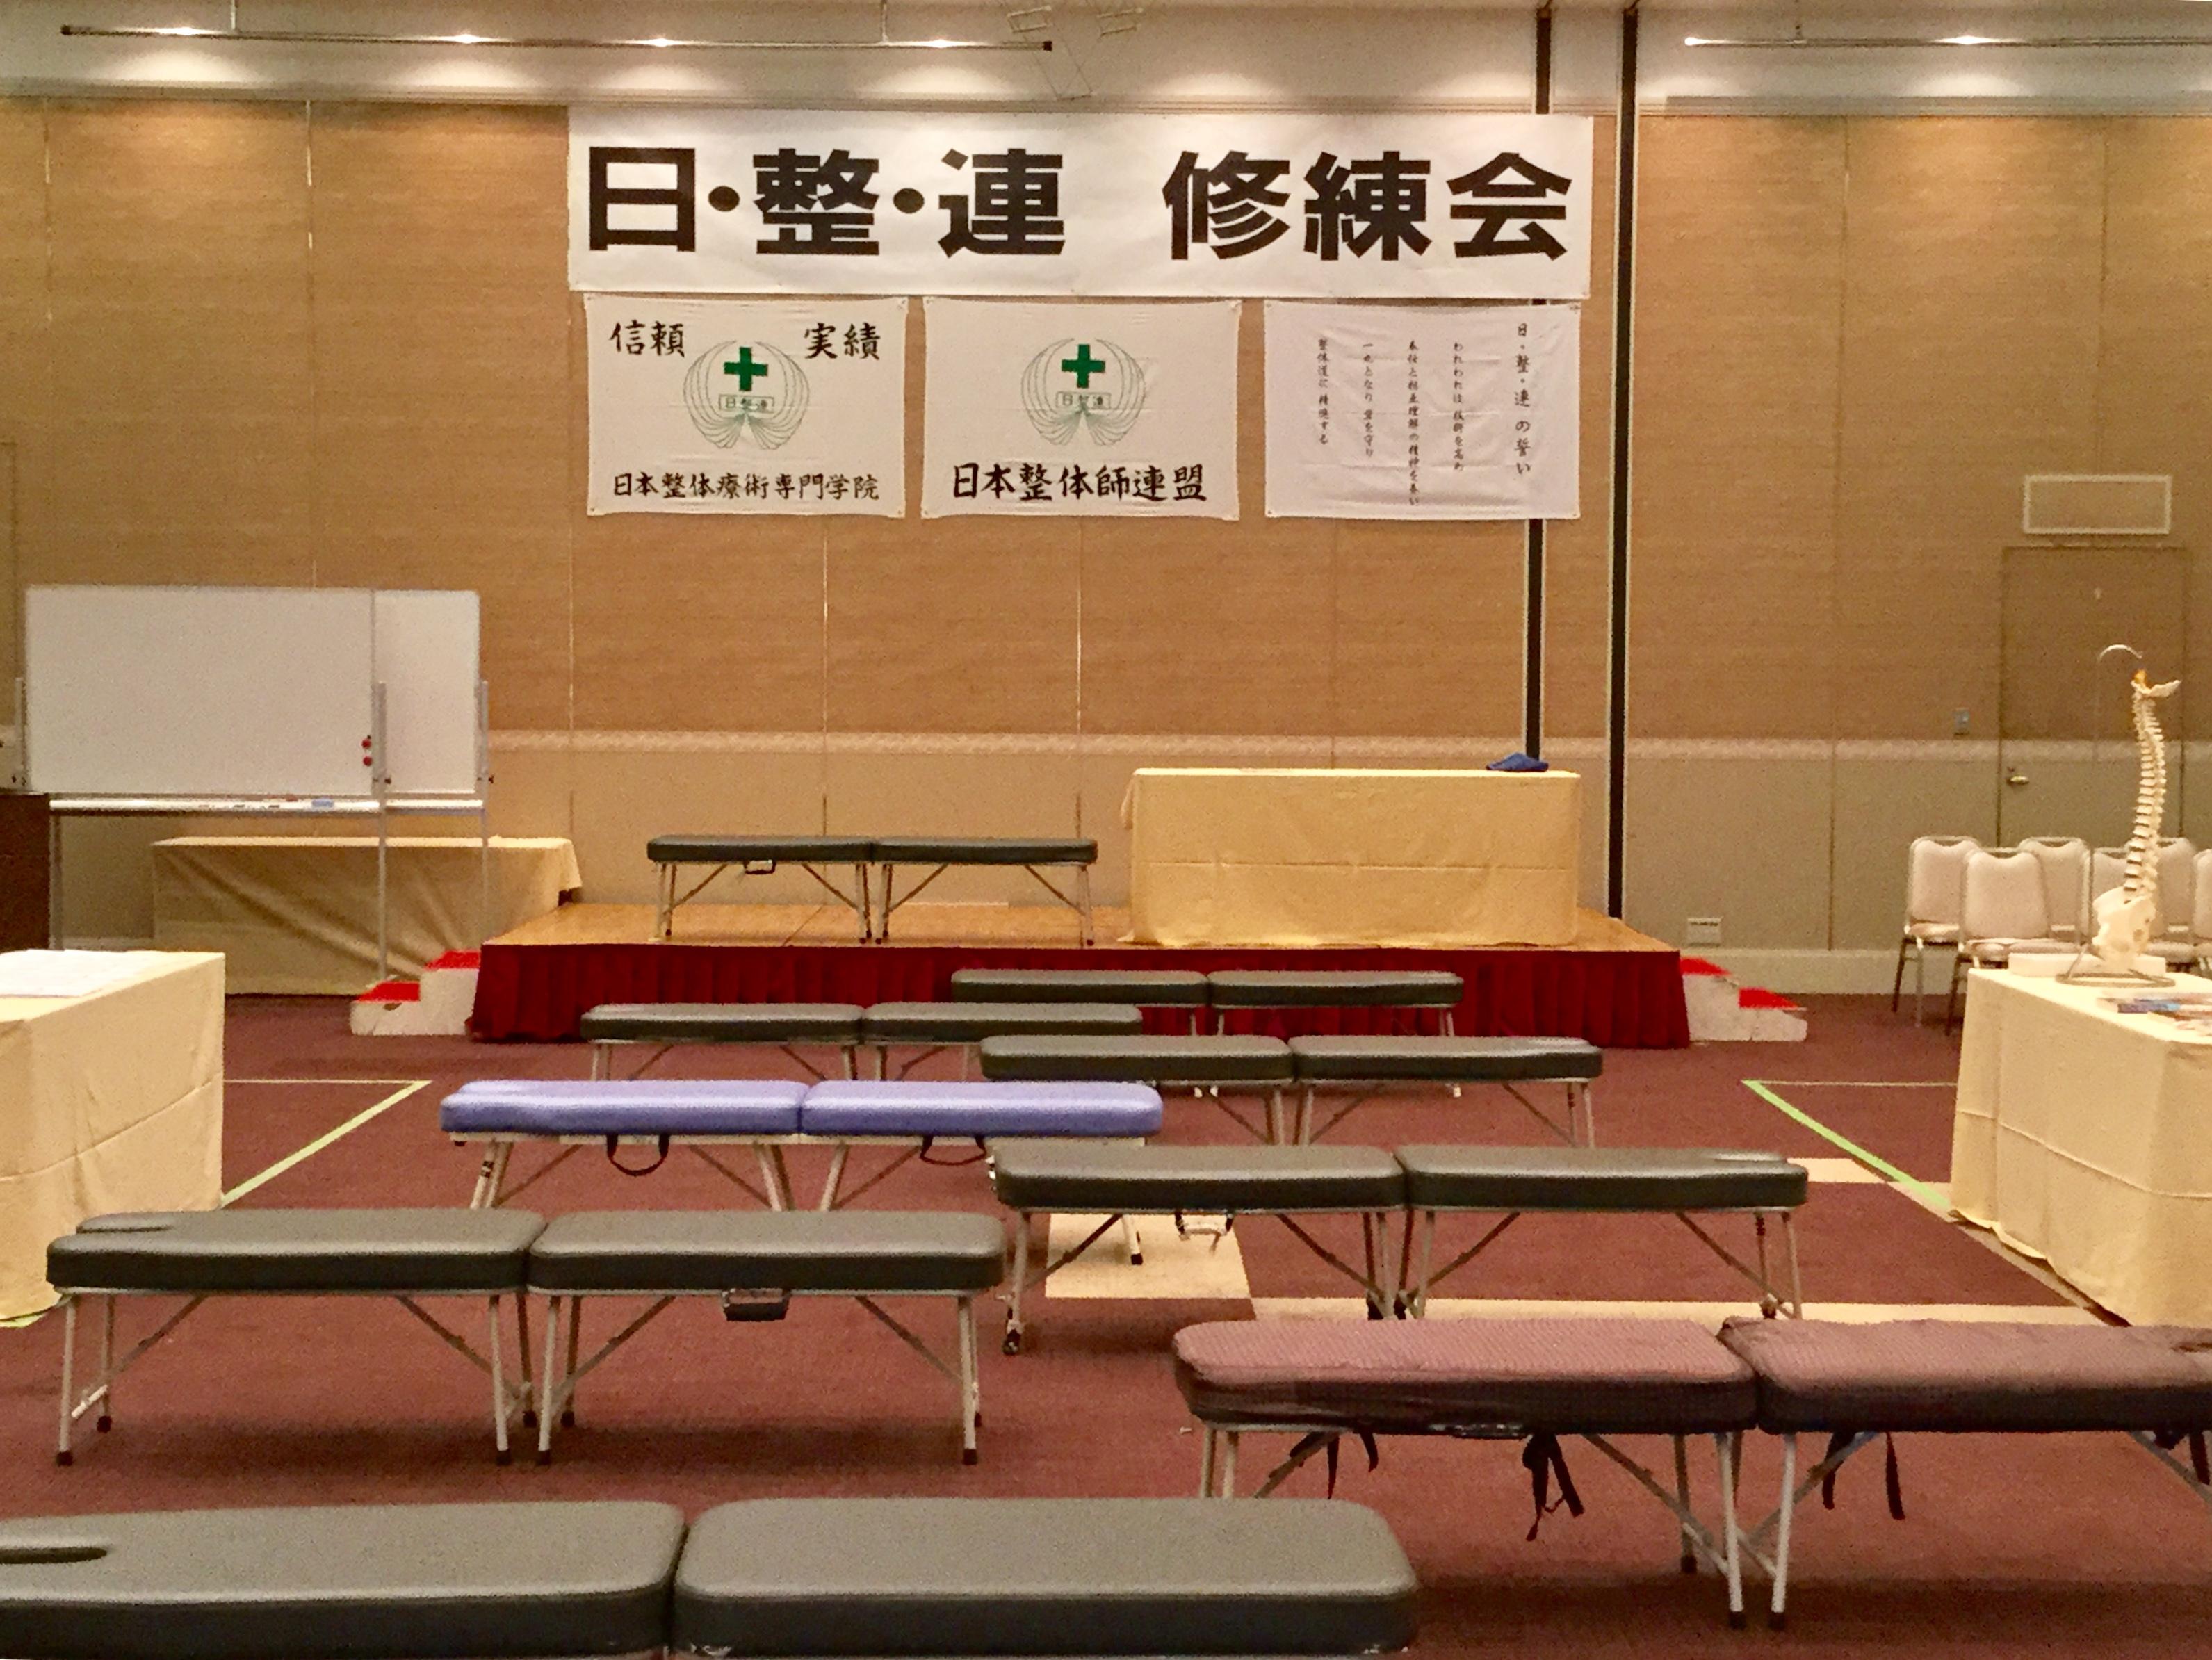 日本整体師連盟 修練会会場